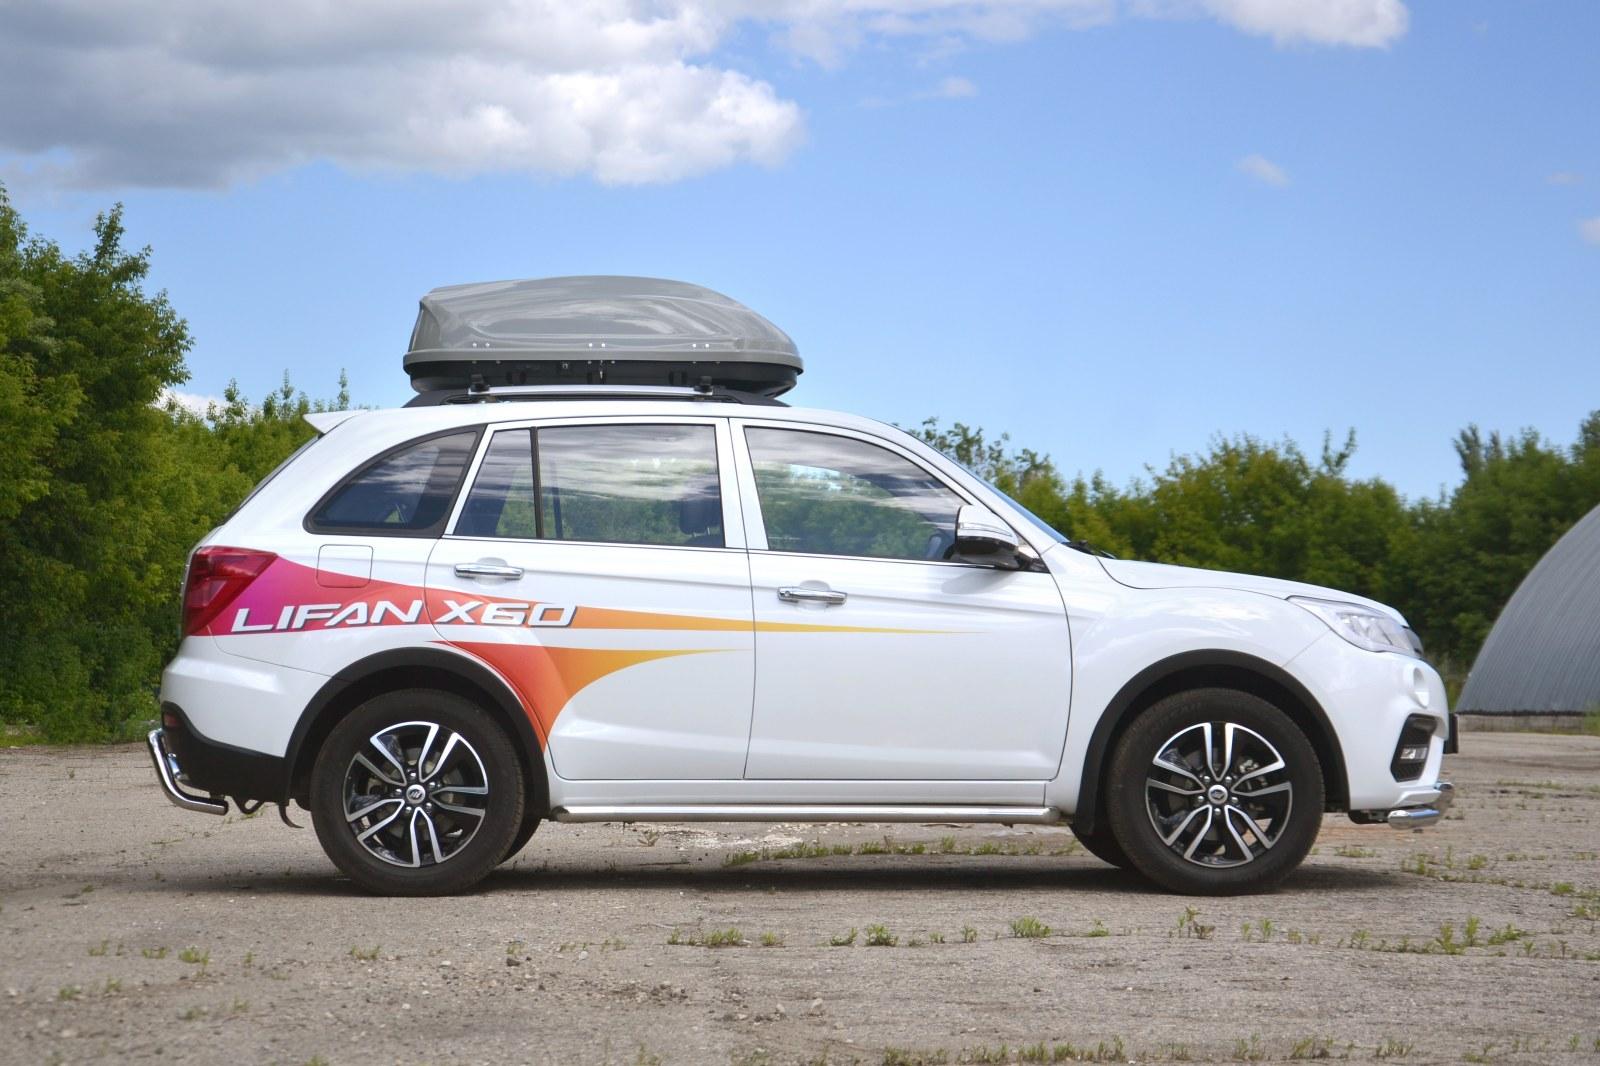 Автобокс Turino Compact на автомобиле